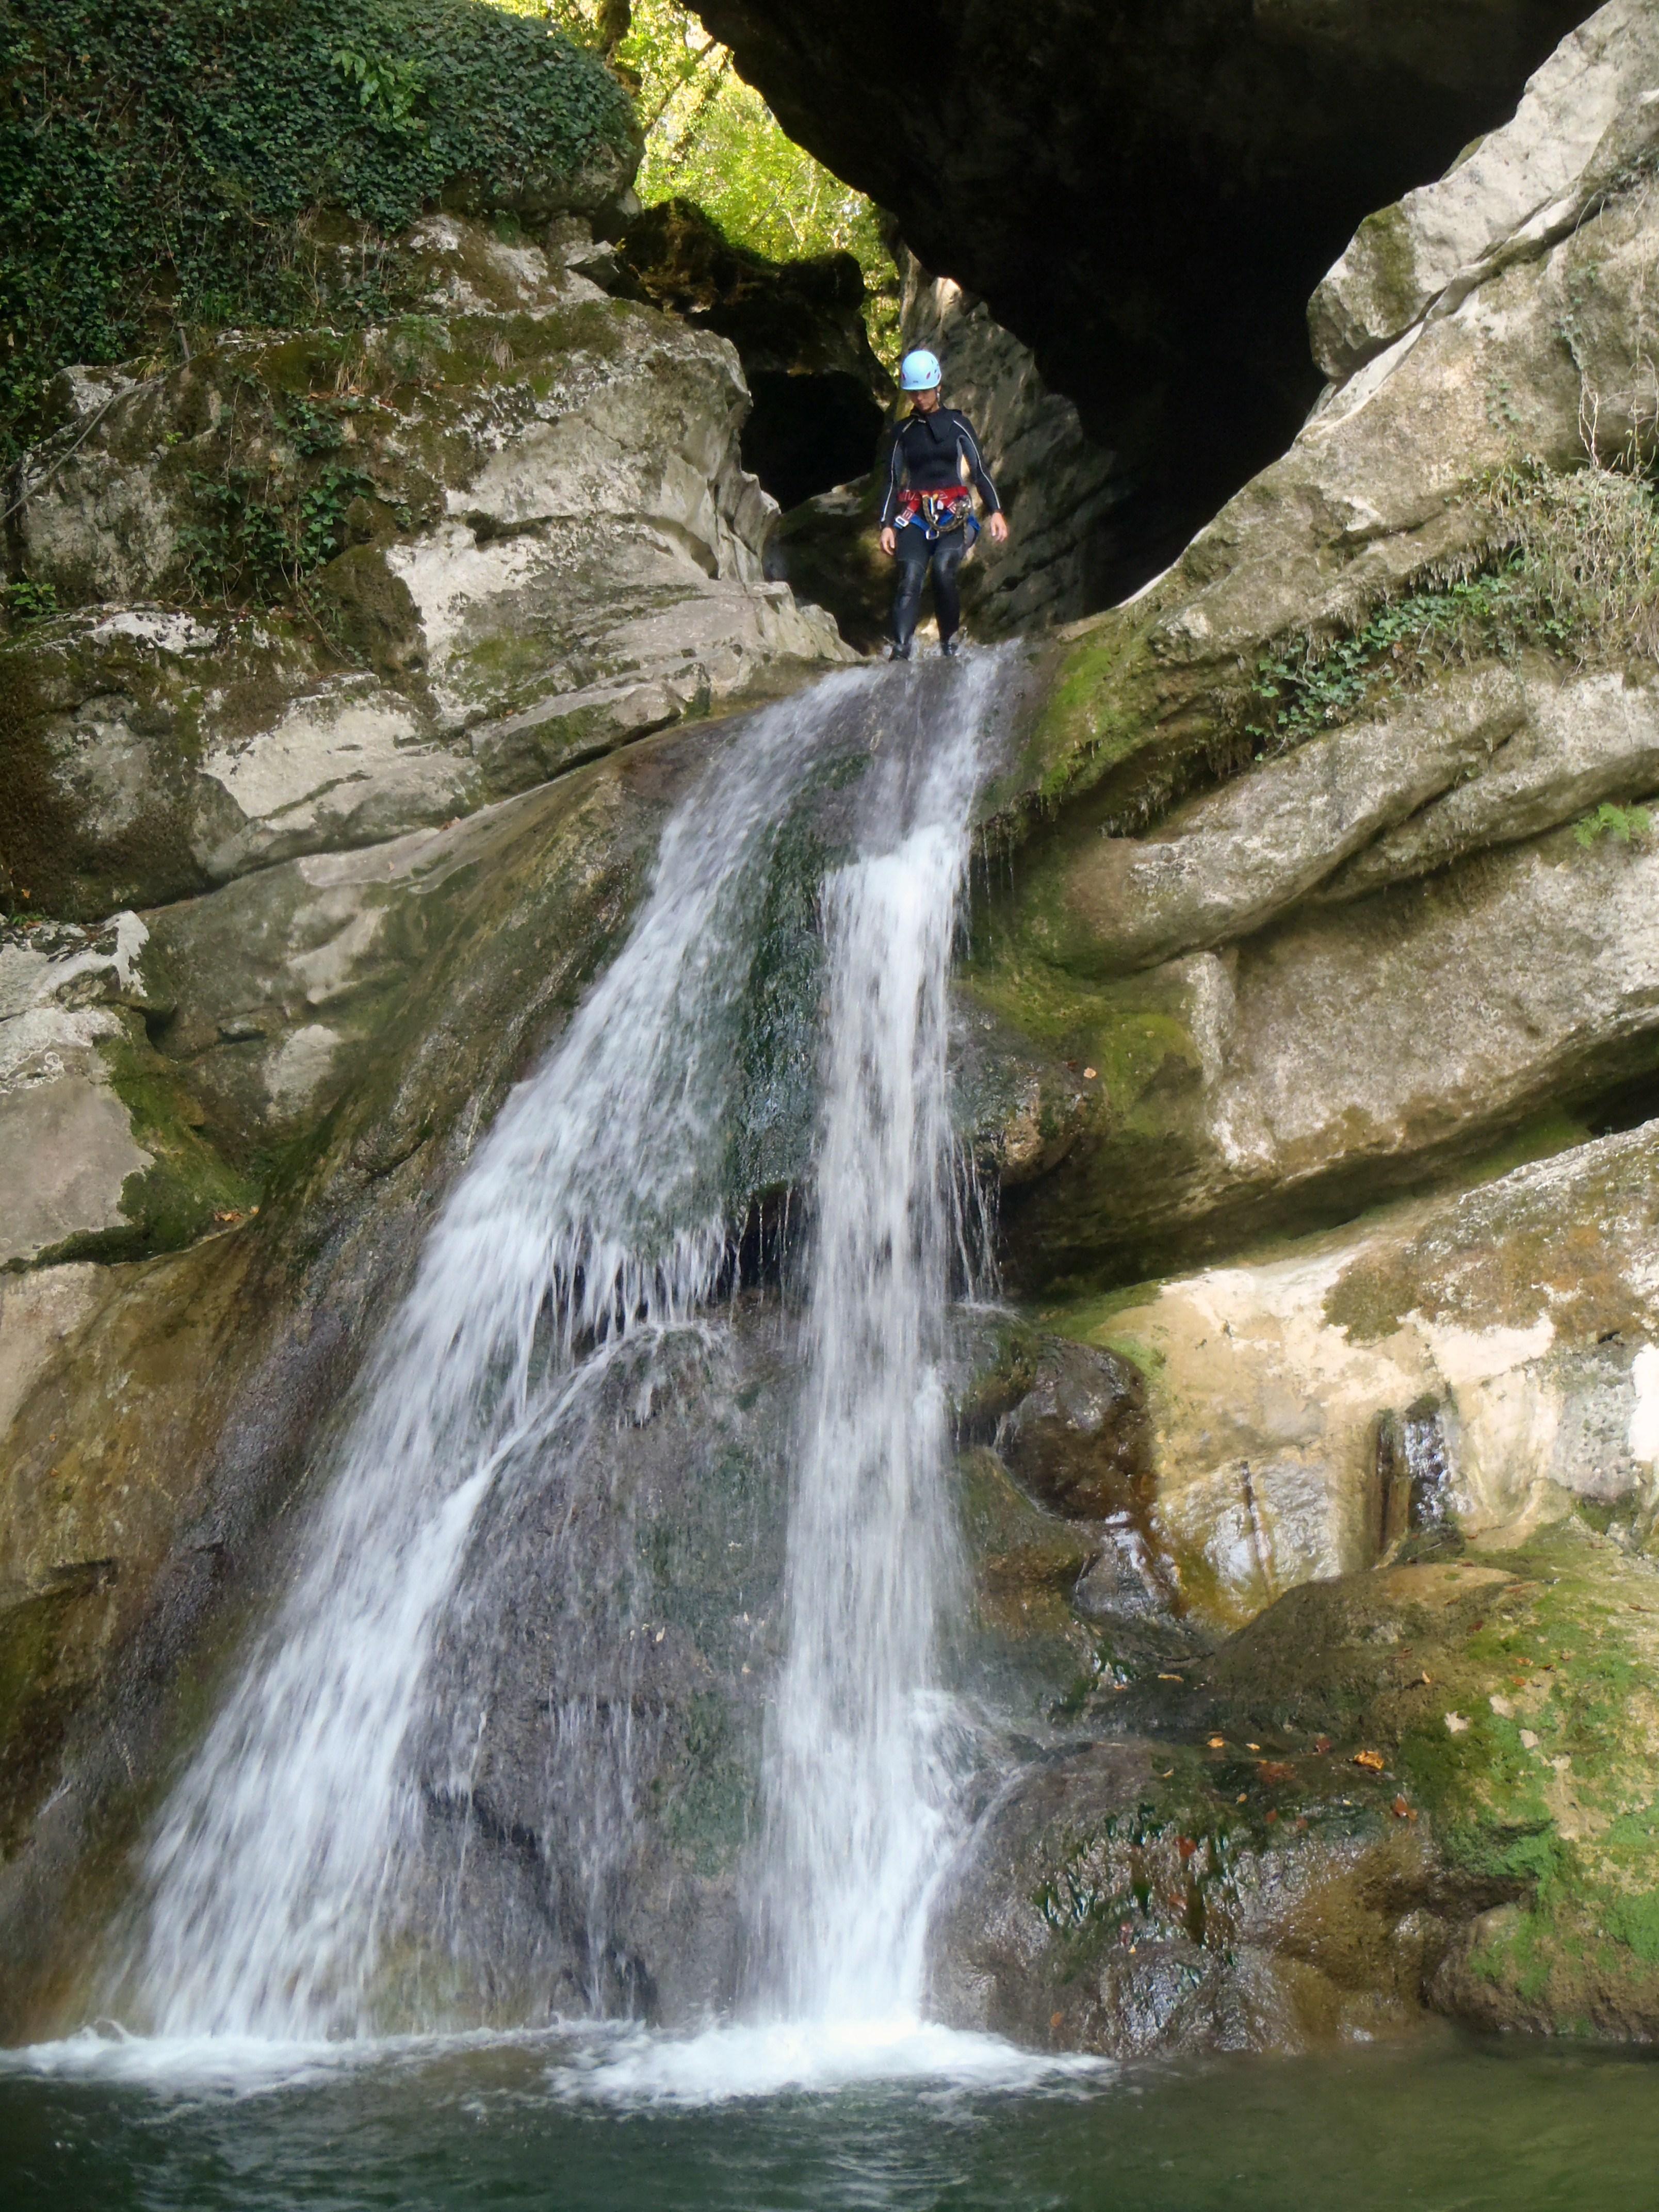 Le canyon du groin est un magnifique parcours de canyoning dans l'Ain avec de belles cascades, des sauts et des toboggans naturels.